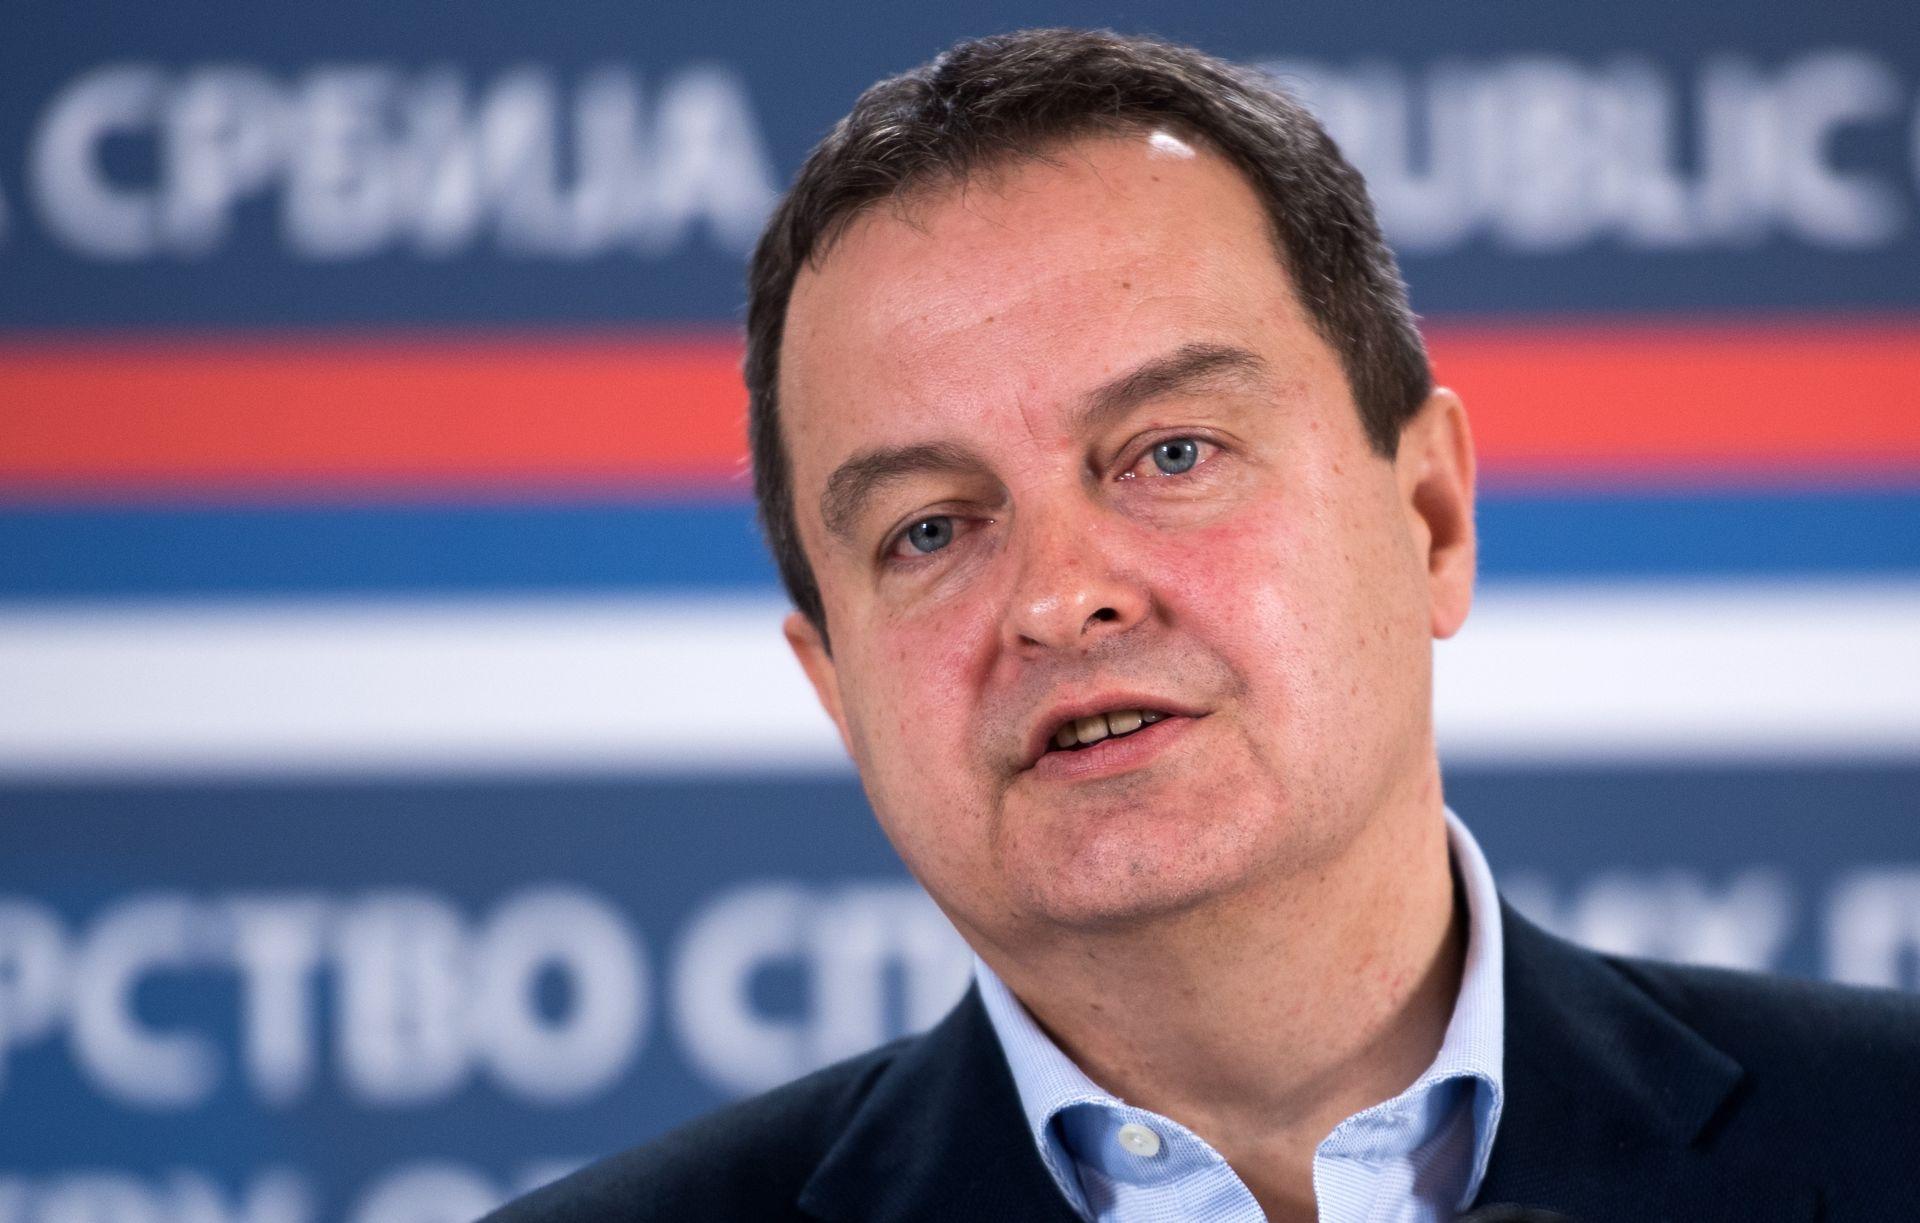 """DAČIĆ """"Nisam zadovoljan klimom koja se stvara u regiji, posebno u Hrvatskoj"""""""